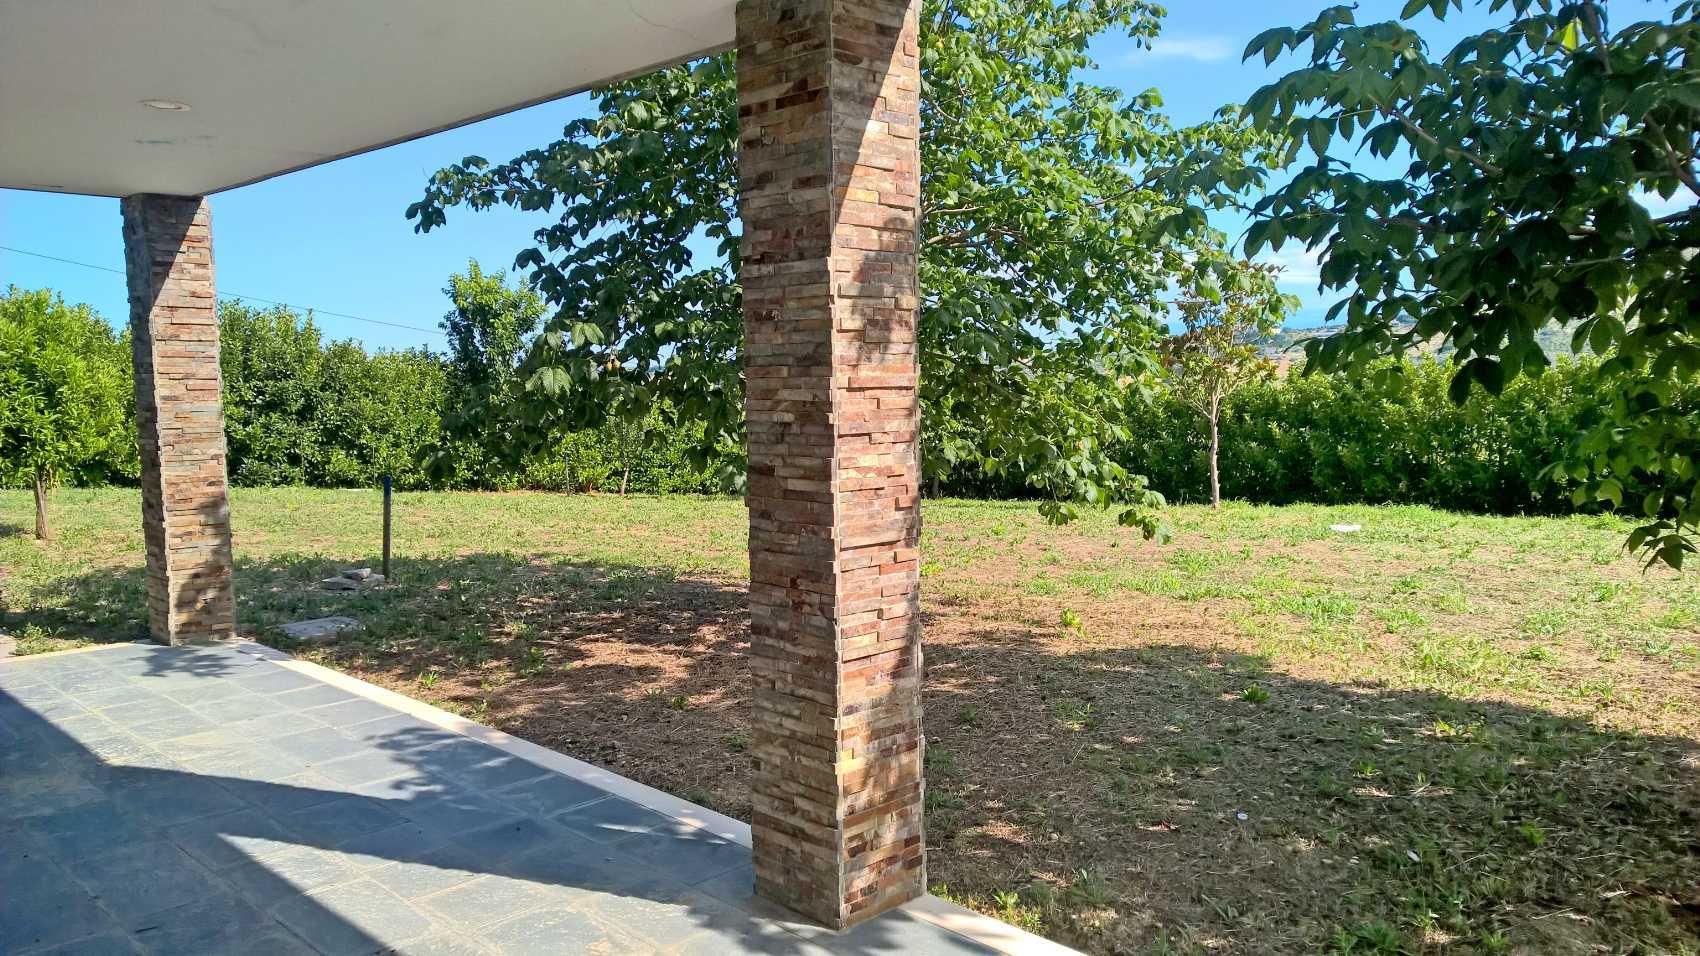 Villa Villa in vendita Città Sant'Angelo (PE), Villa Silvia - Città Sant'Angelo - EUR 442.177 230